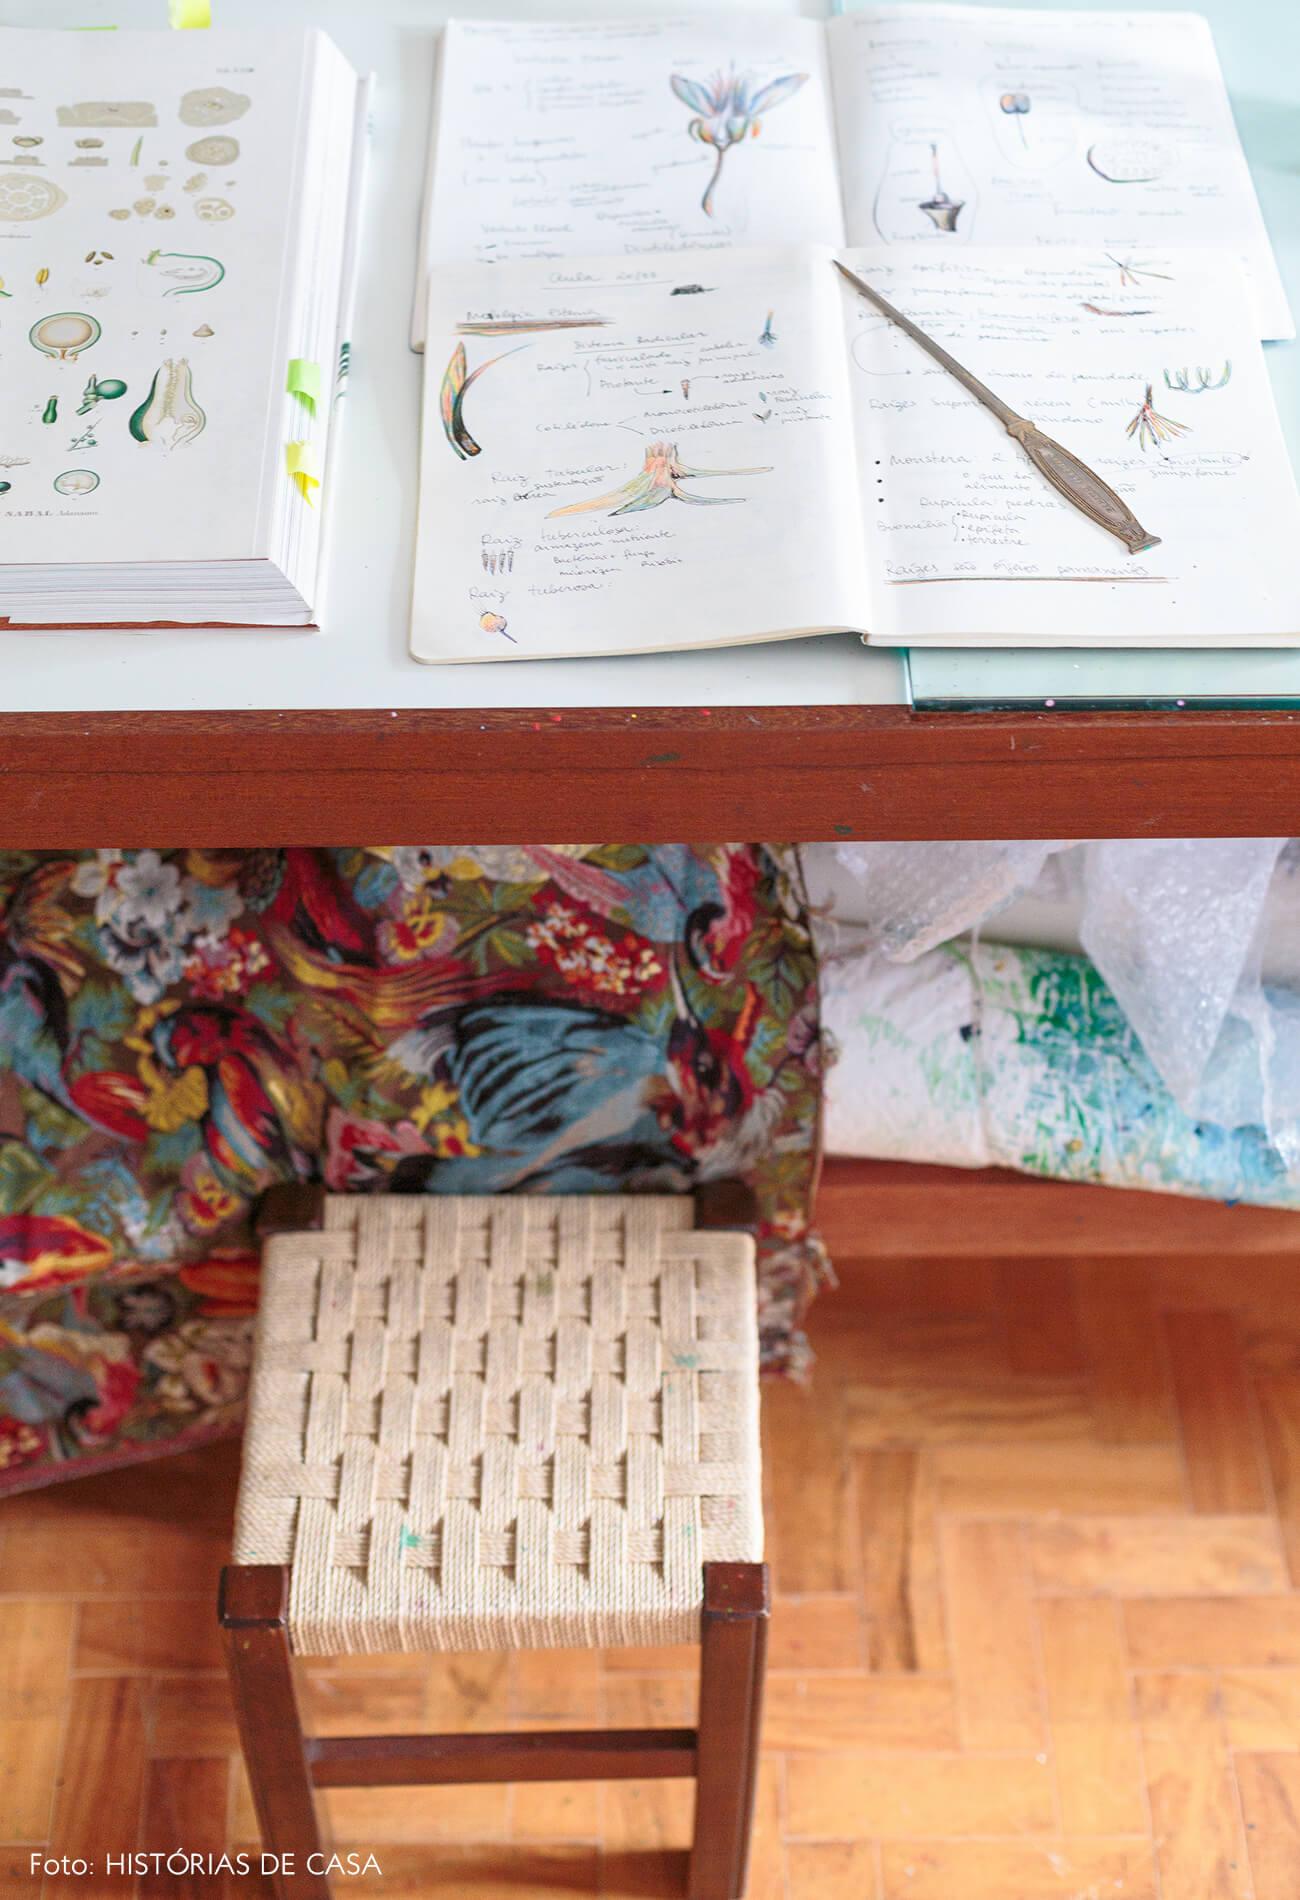 decoração detalhes de arte em mesa de madeira